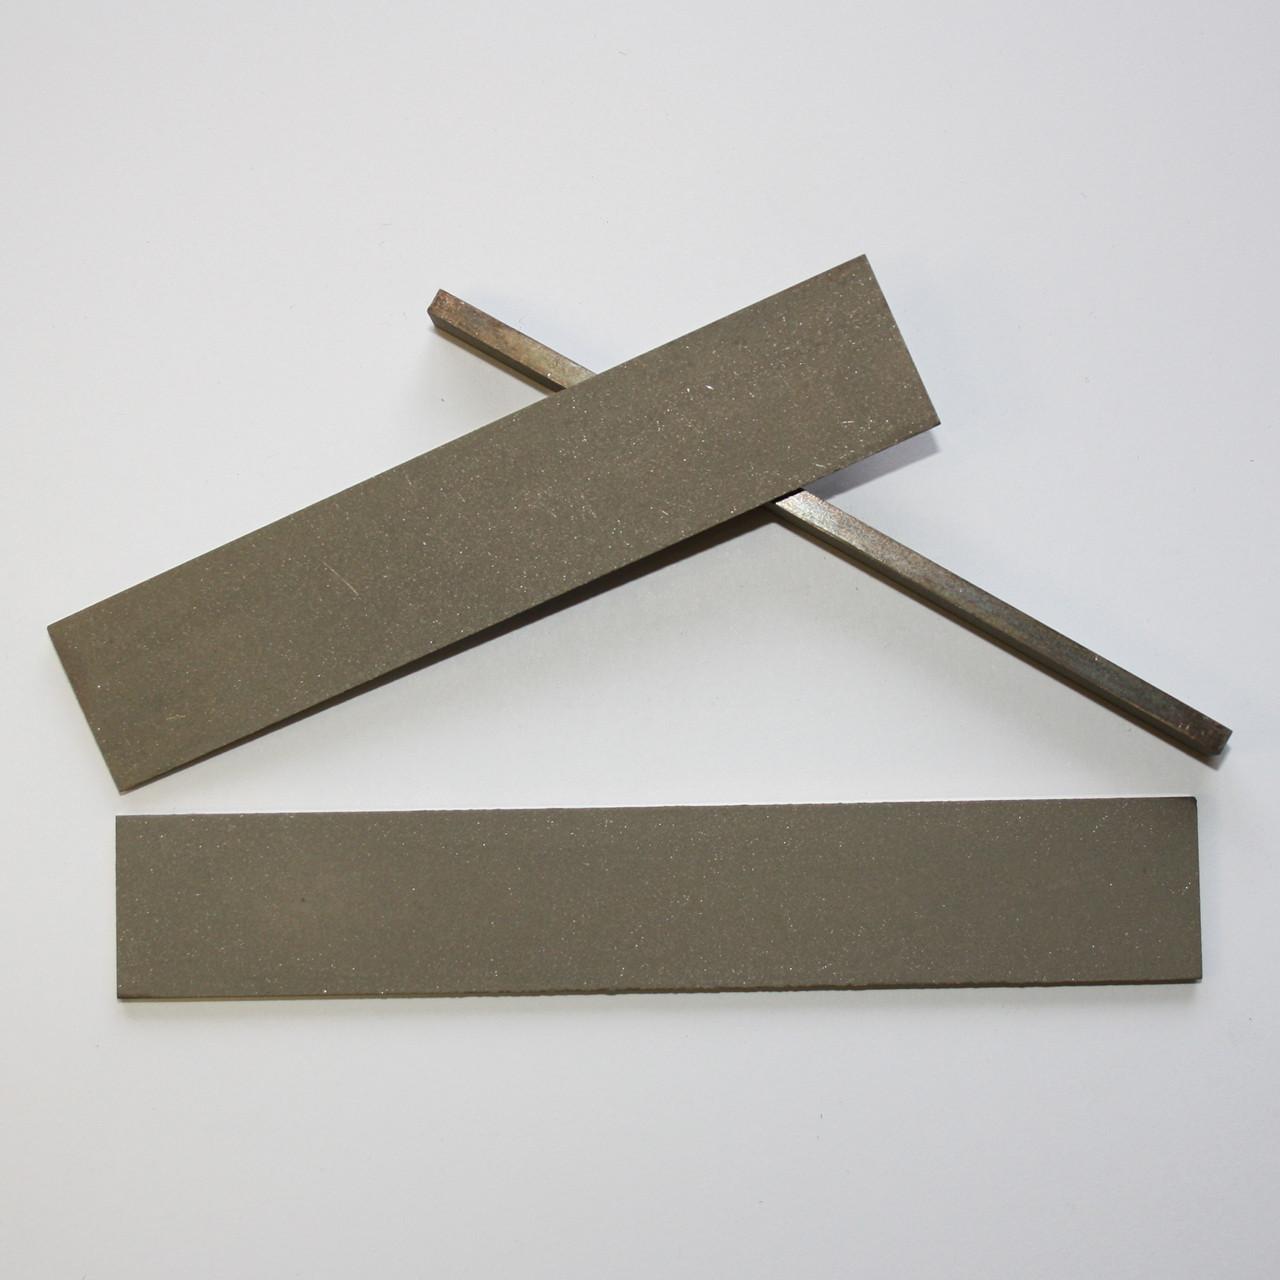 Алмазные бруски для заточки ножей 200х40х3 АСМ 7/5